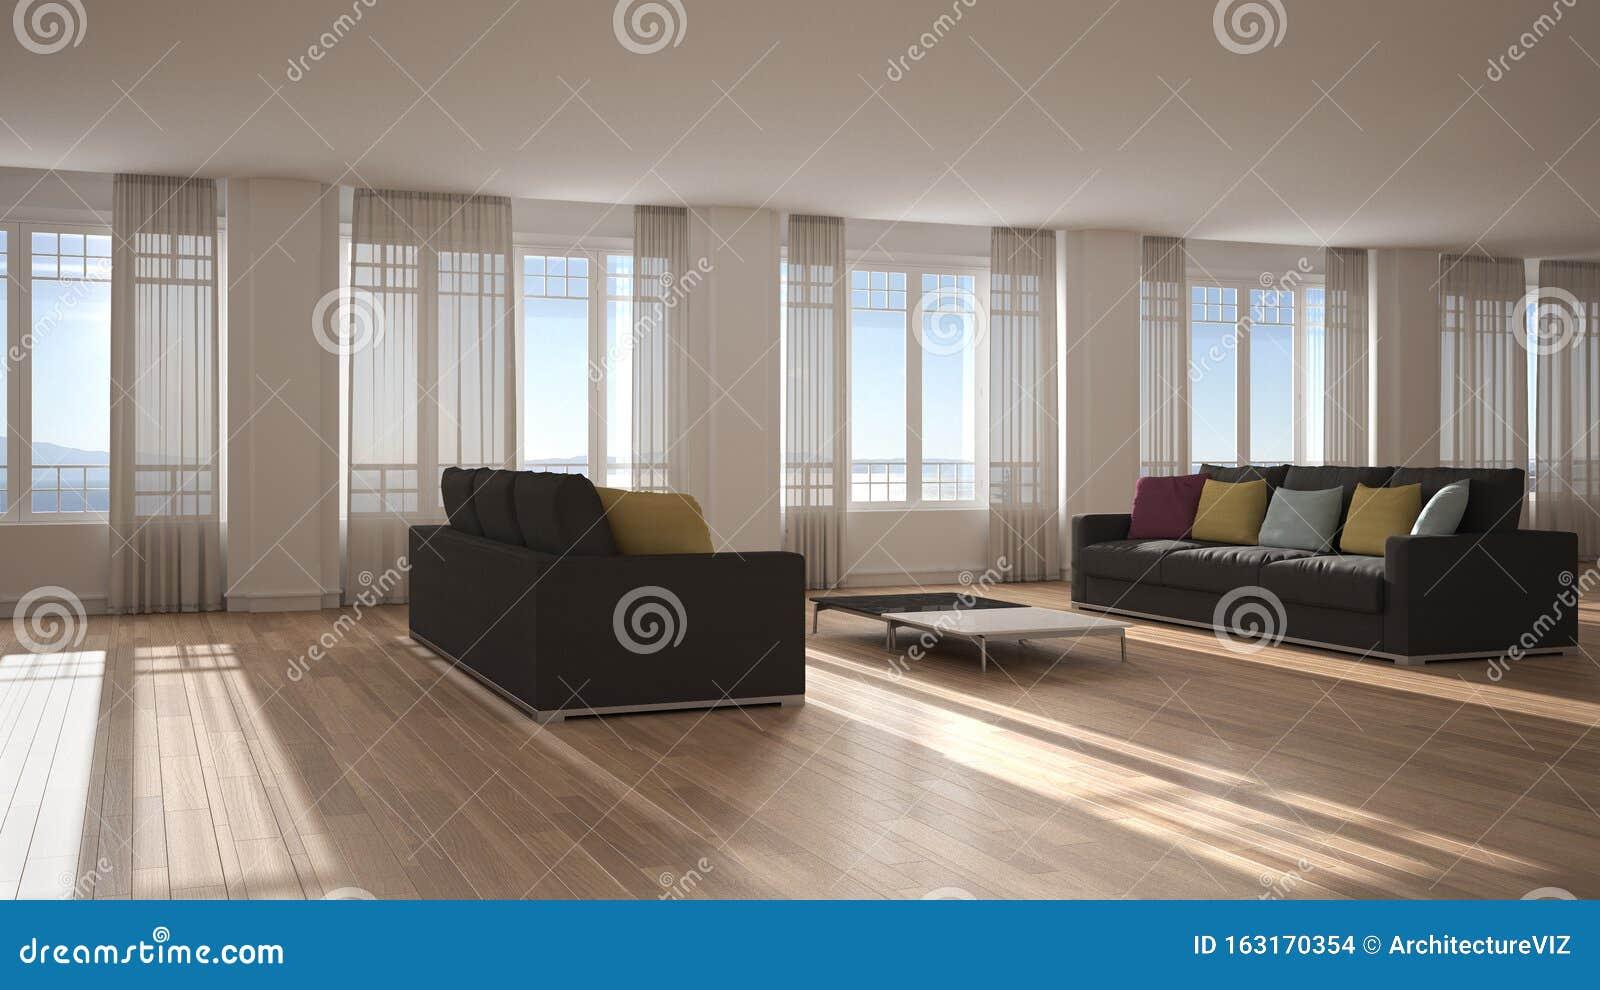 Open Ruimte Met Een Zacht Interieur Ontwerp Moderne Woonkamer Lounge Met Grote Panoramische Ramen Met Gordijnen En Zeeuitzicht Stock Foto Afbeelding Bestaande Uit Divan Gordijn 163170354